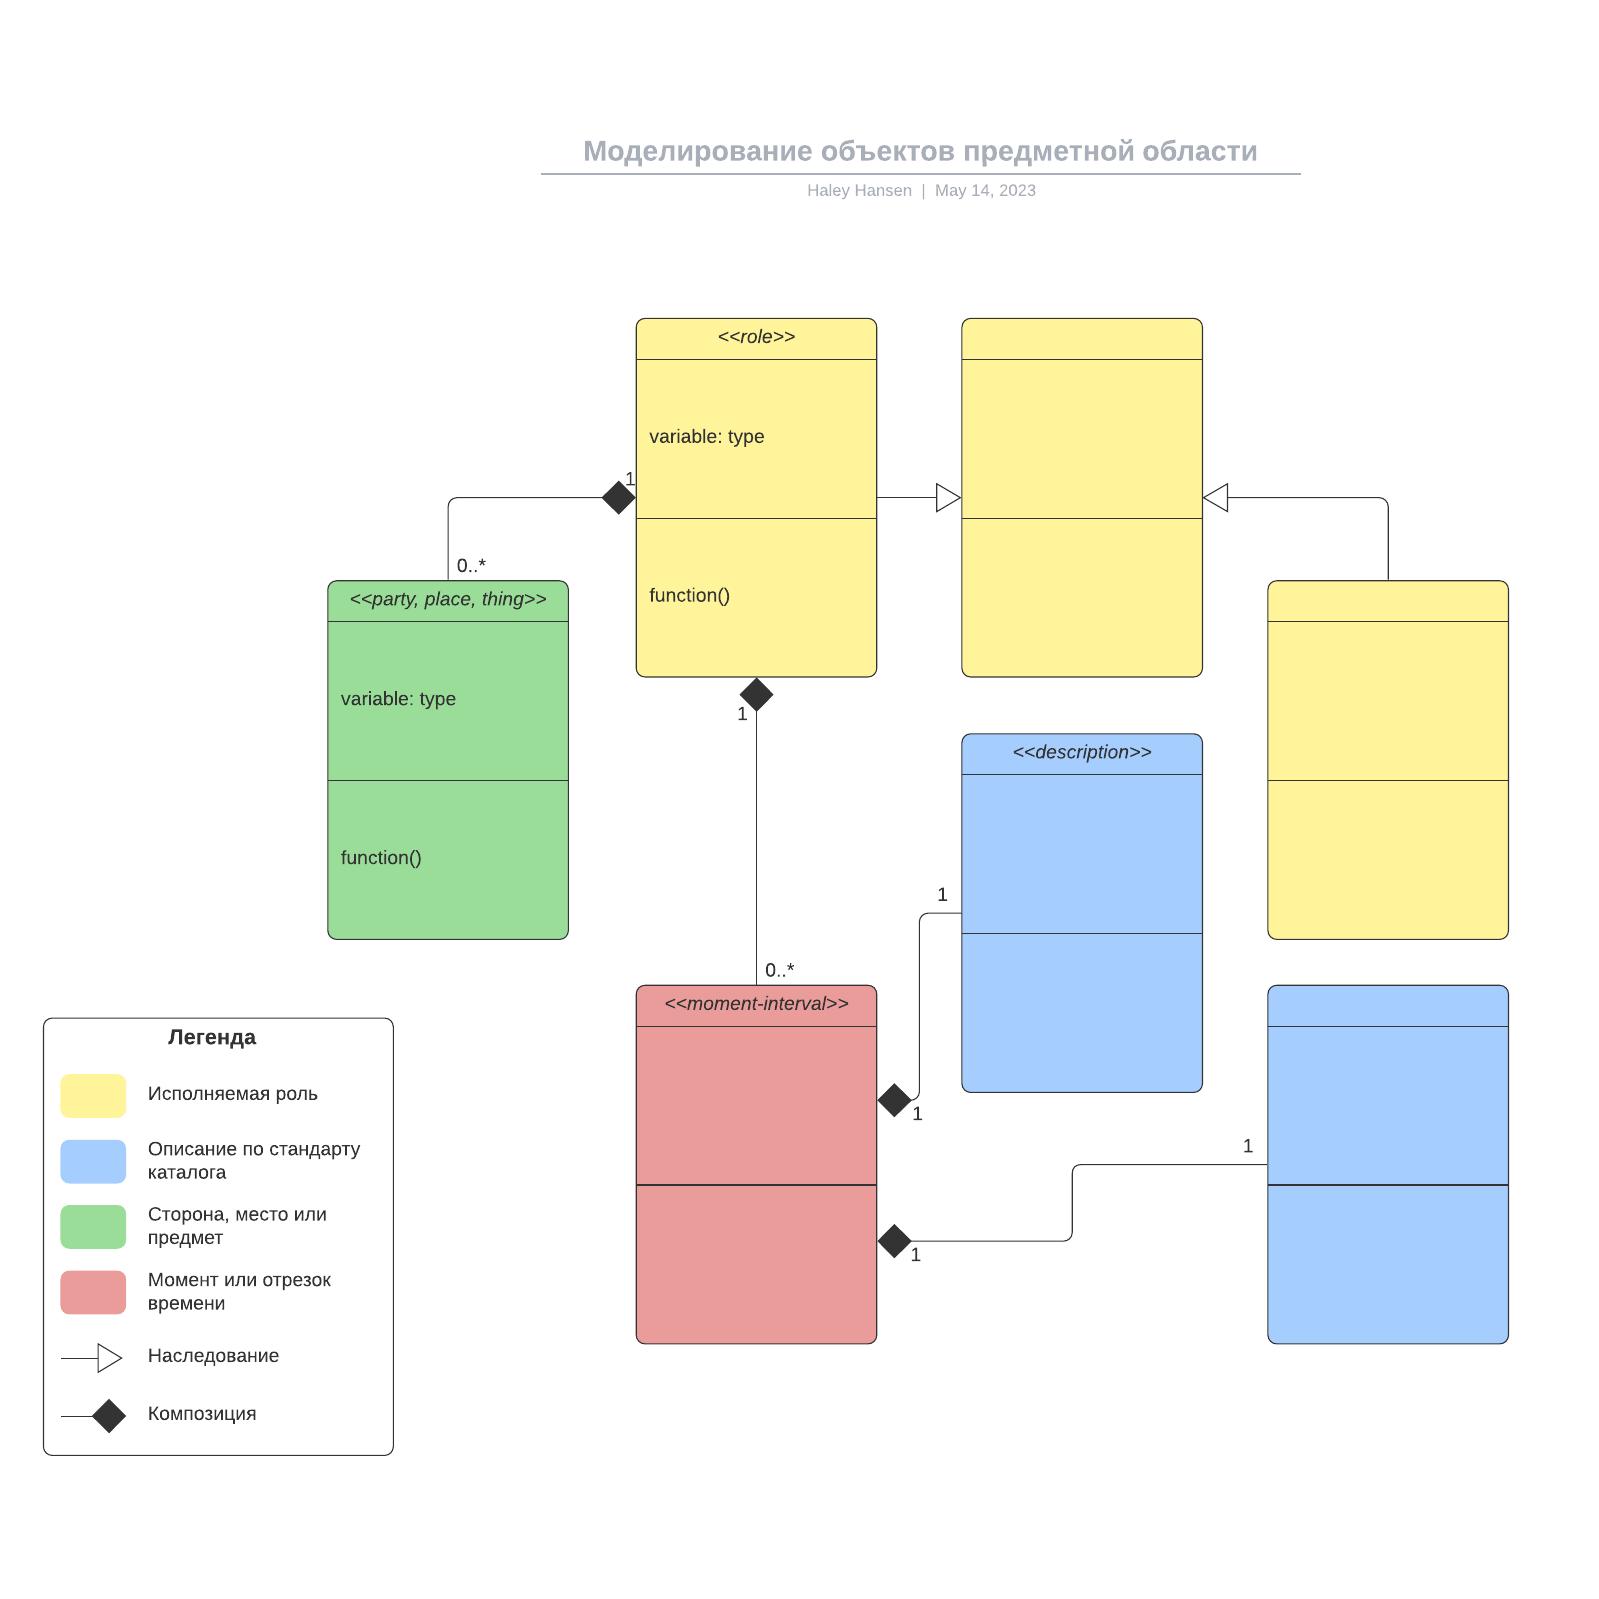 Моделирование объектов предметной области